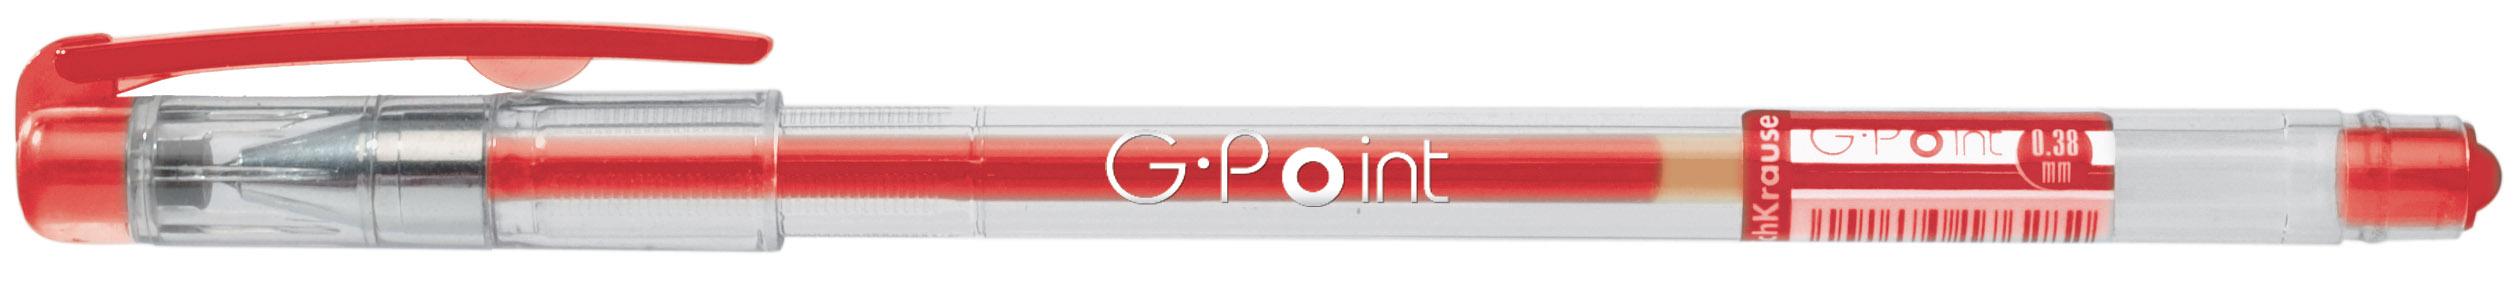 Ручка гелевая красная EK G-Point 0.38мм